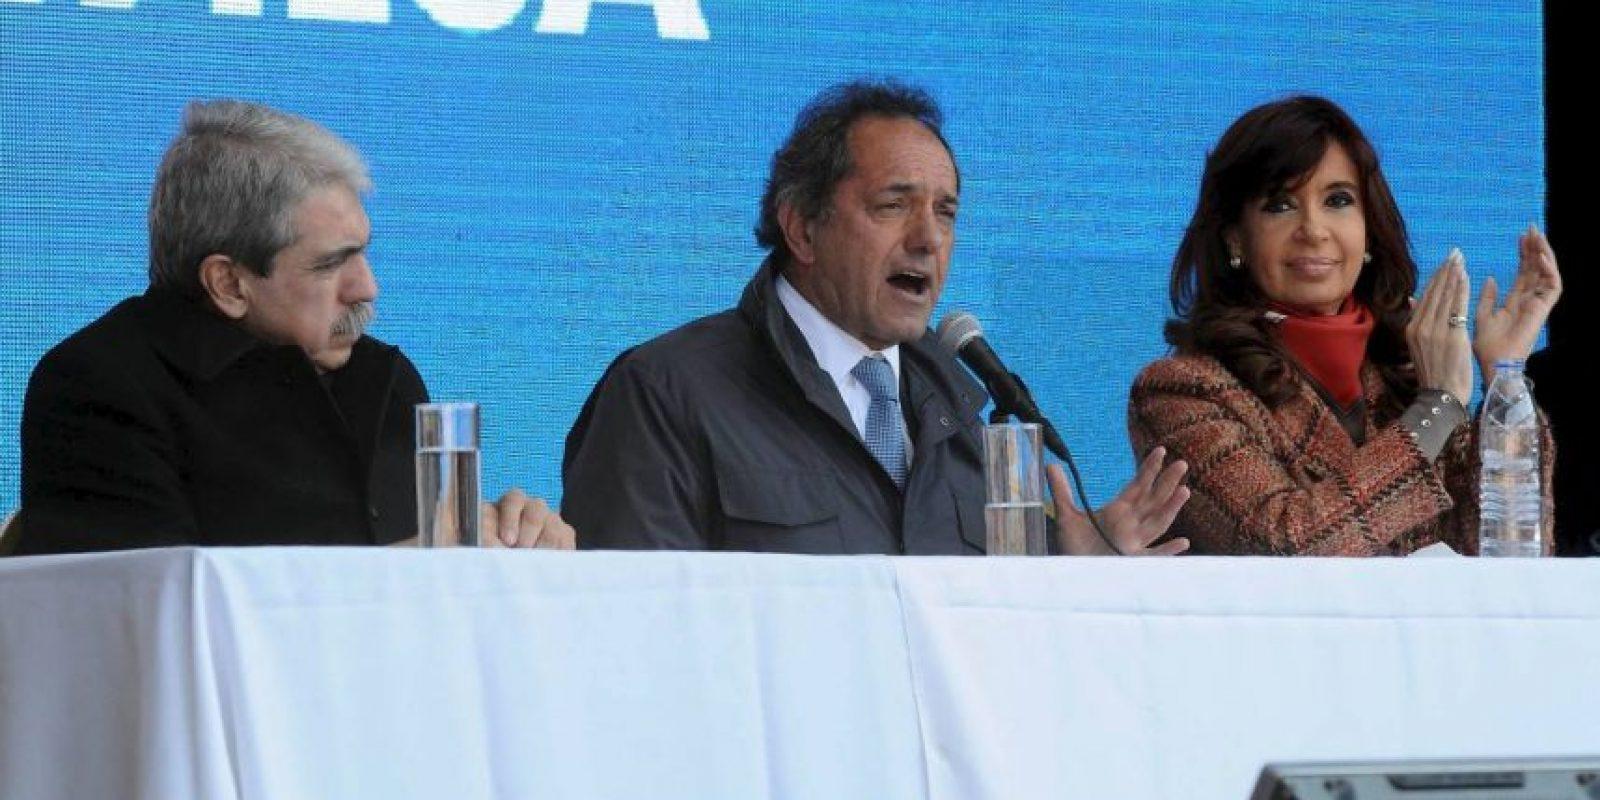 También fue Vicepresidente de la República en el gobierno de Néstor Kirchner Foto:Facebook.com/danielsciolioficial